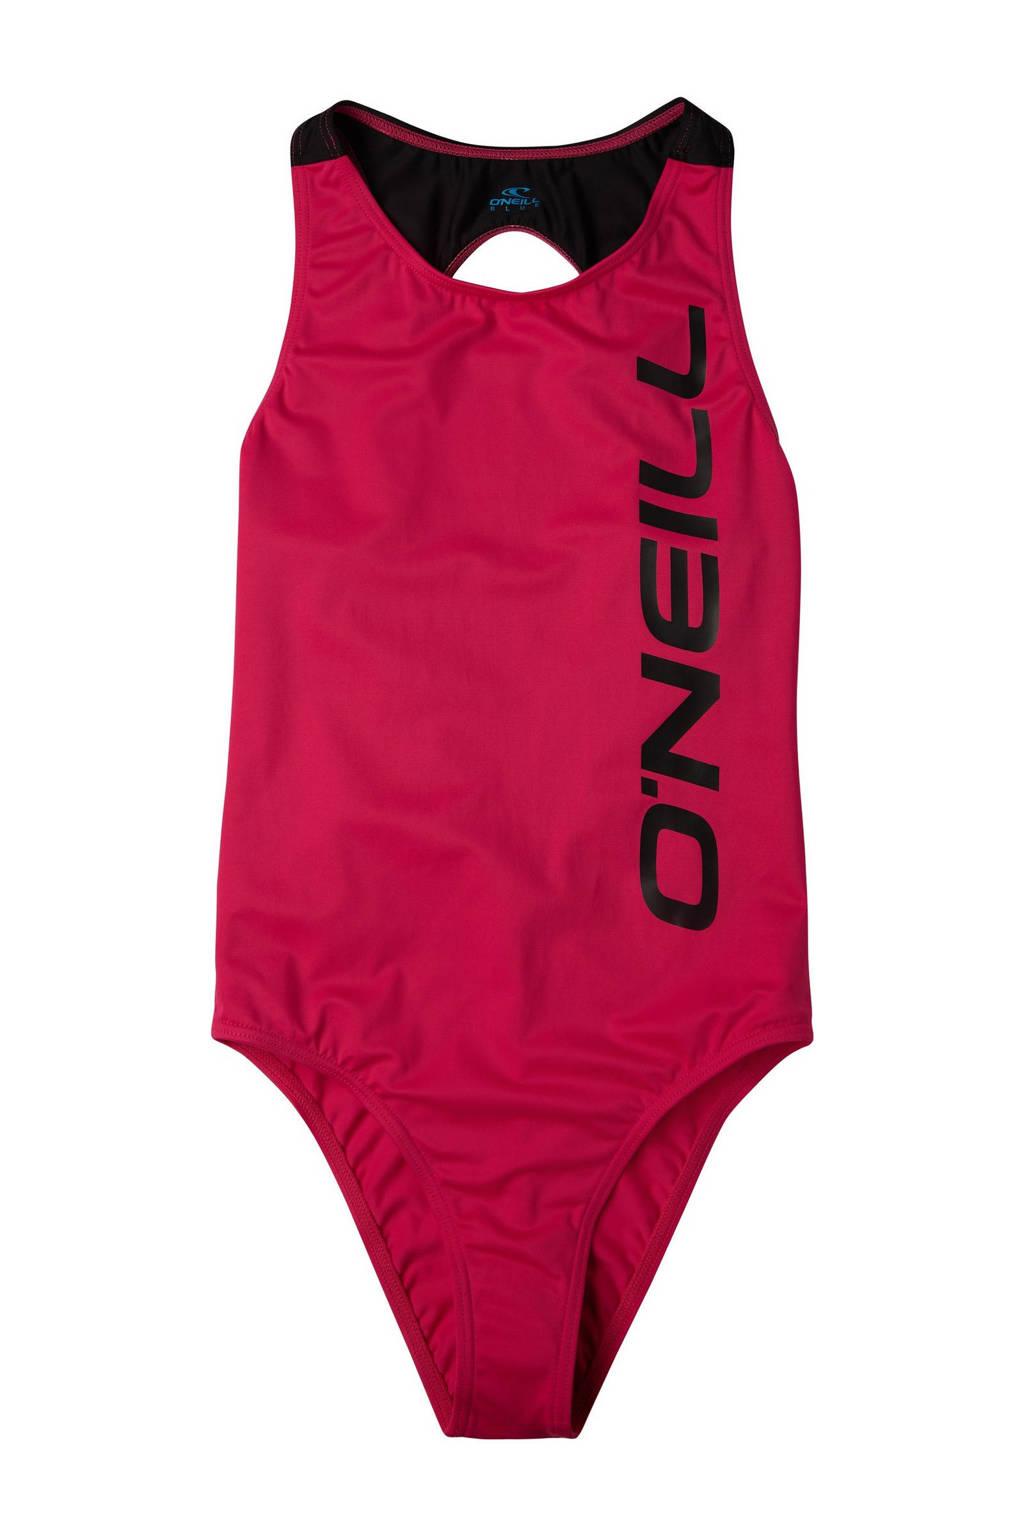 O'Neill badpak Sun & Joy met logo donkerroze, Donkerroze